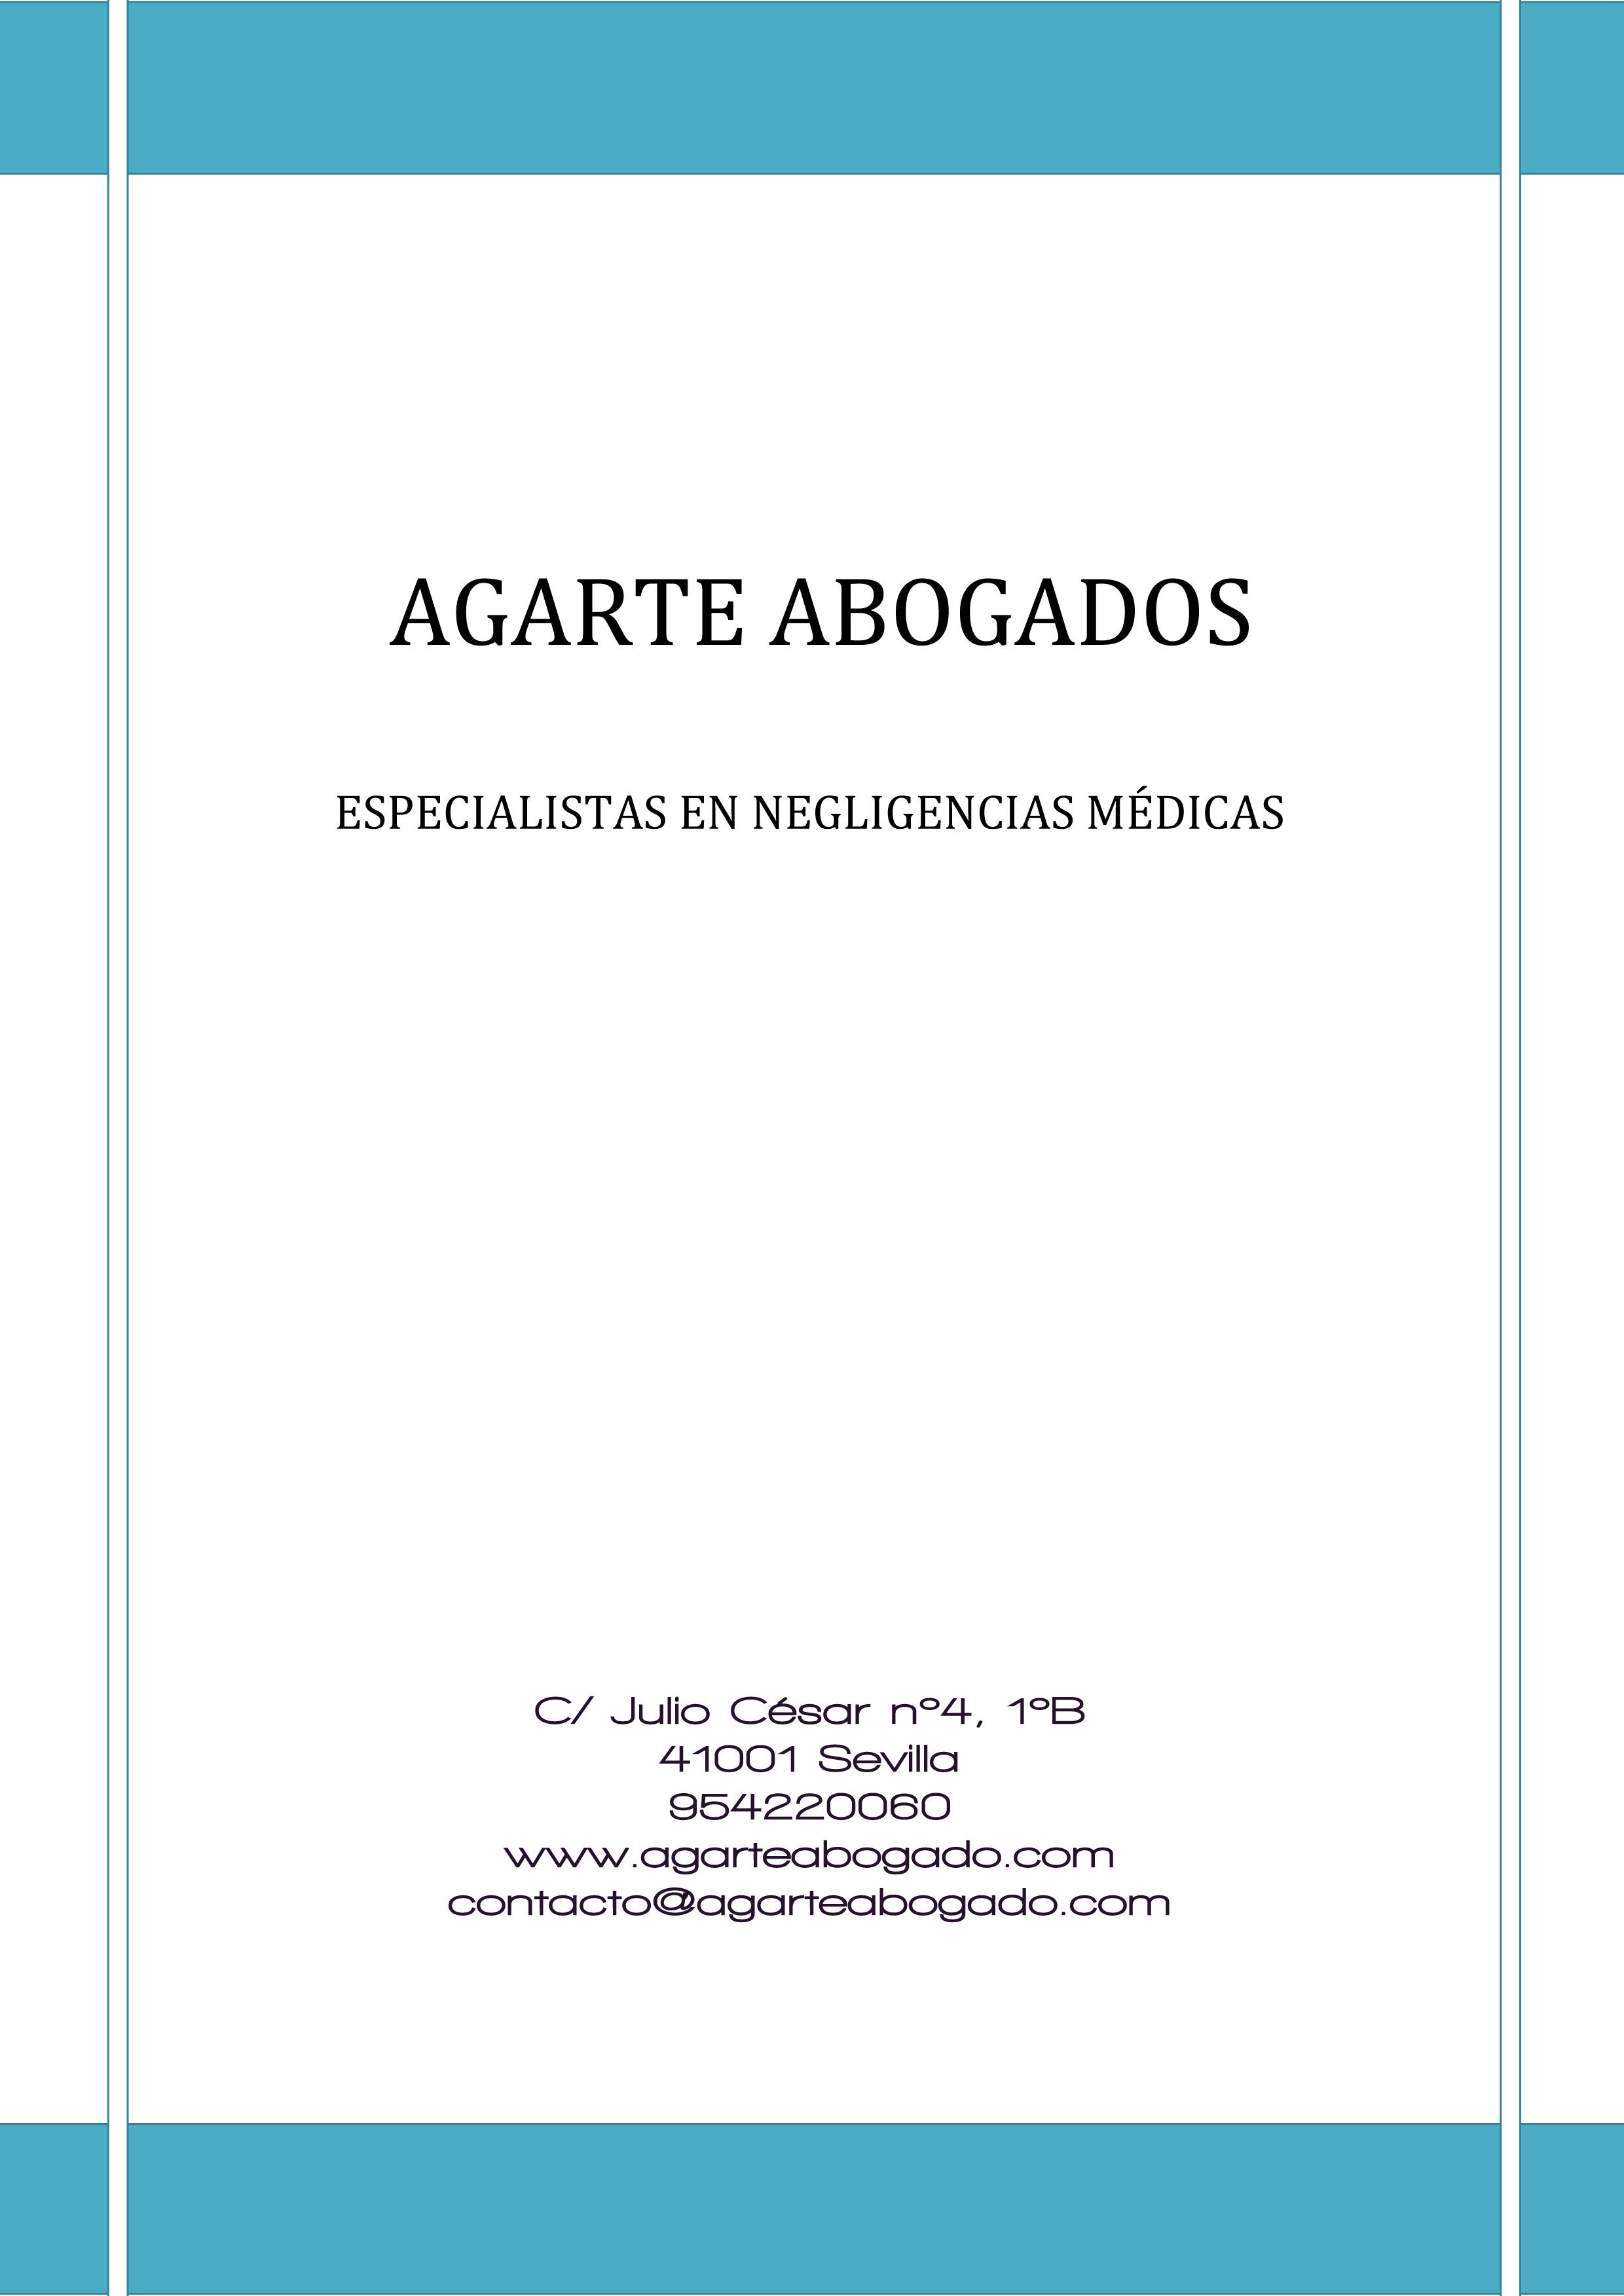 ESPECIALISTAS EN NEGLIGENCIAS MÉDICAS